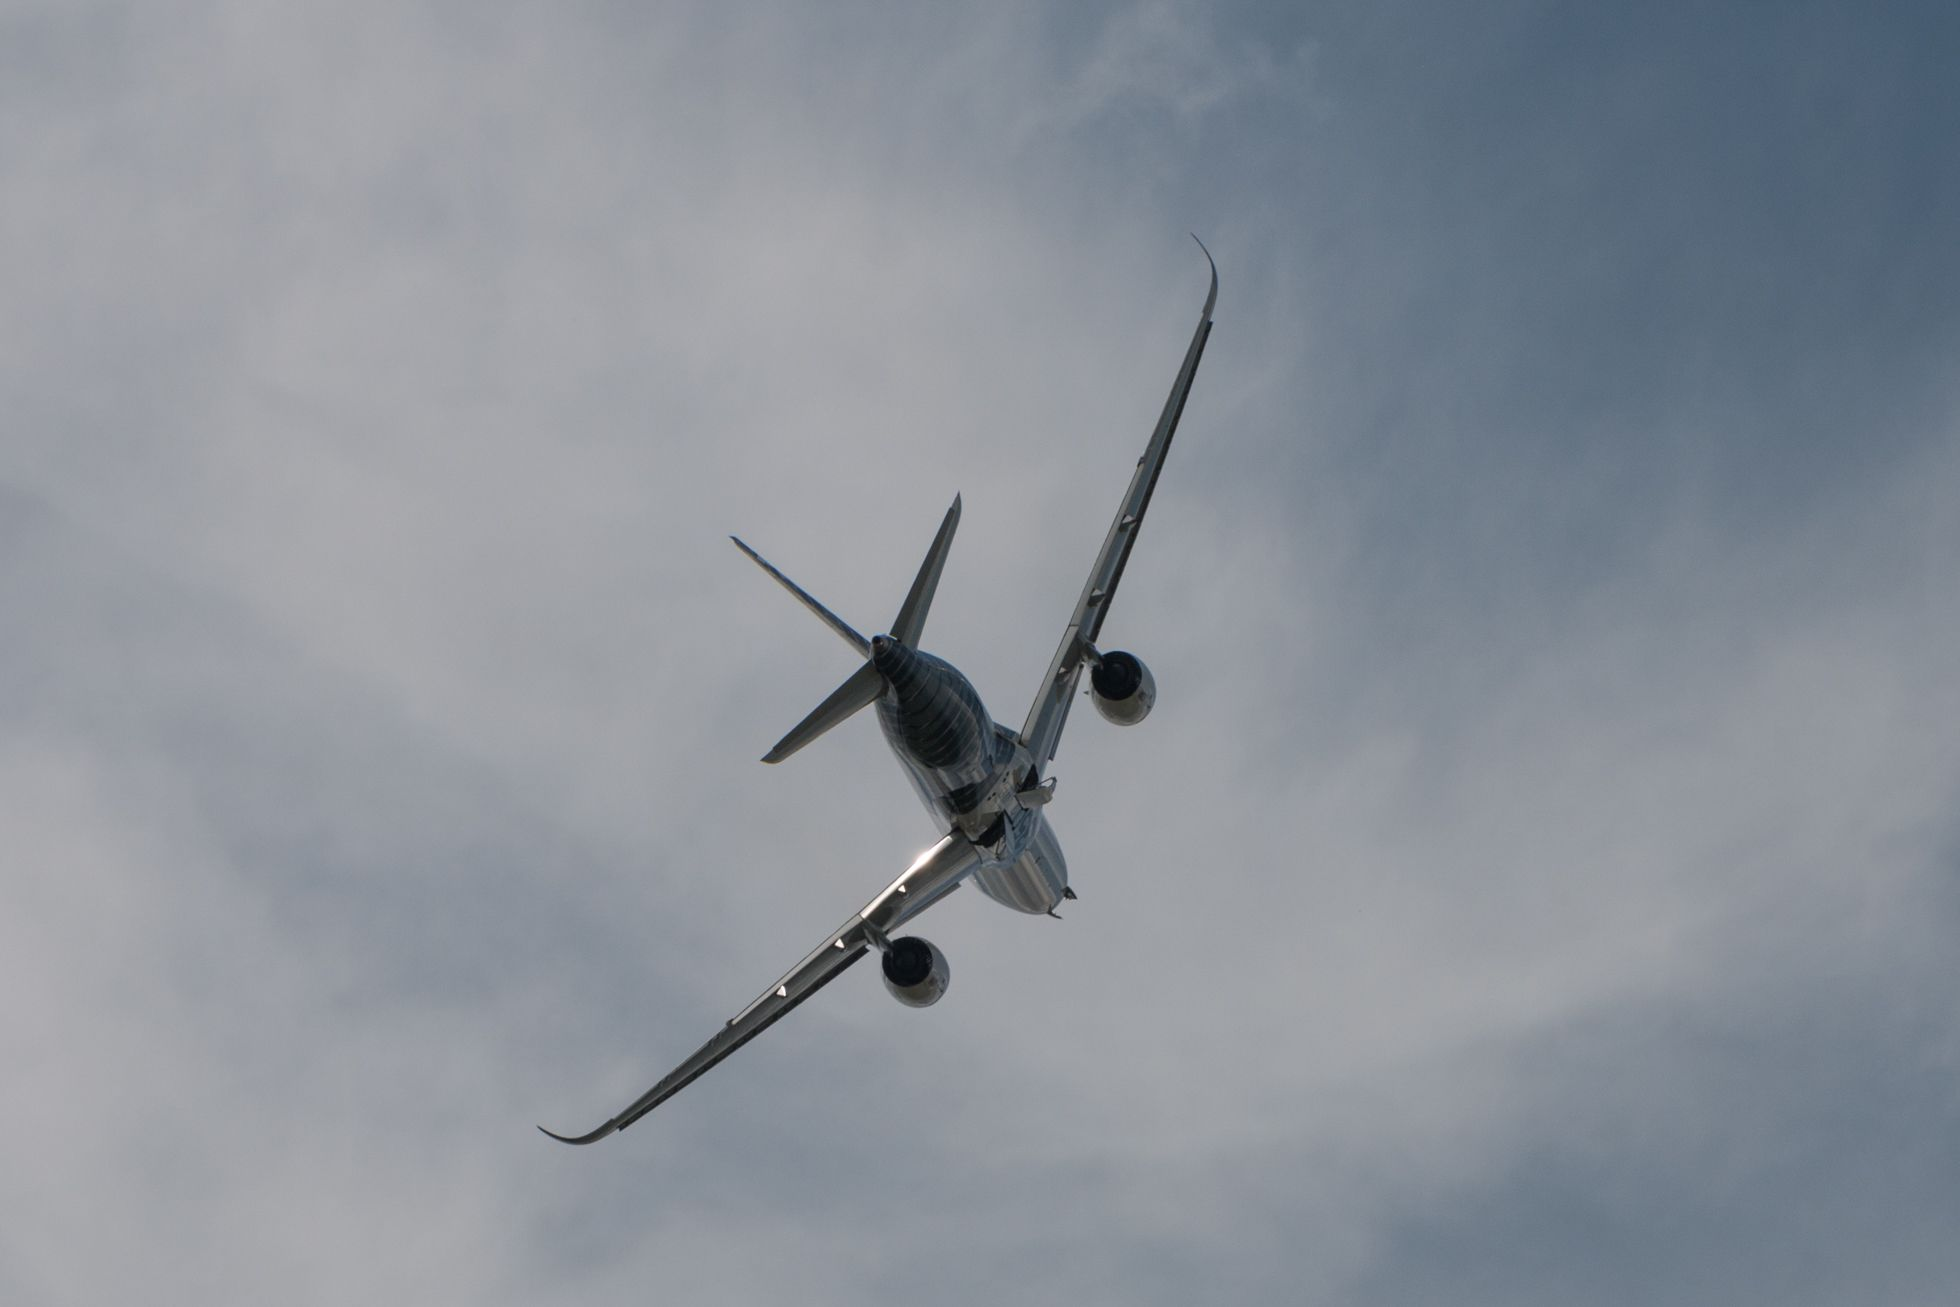 Luftfahrt: Drohnen, Schwerelosigkeit und ein Flieger aus dem 3D-Drucker - .... zeigt unter anderem den A350. (Foto: Werner Pluta/Golem.de)